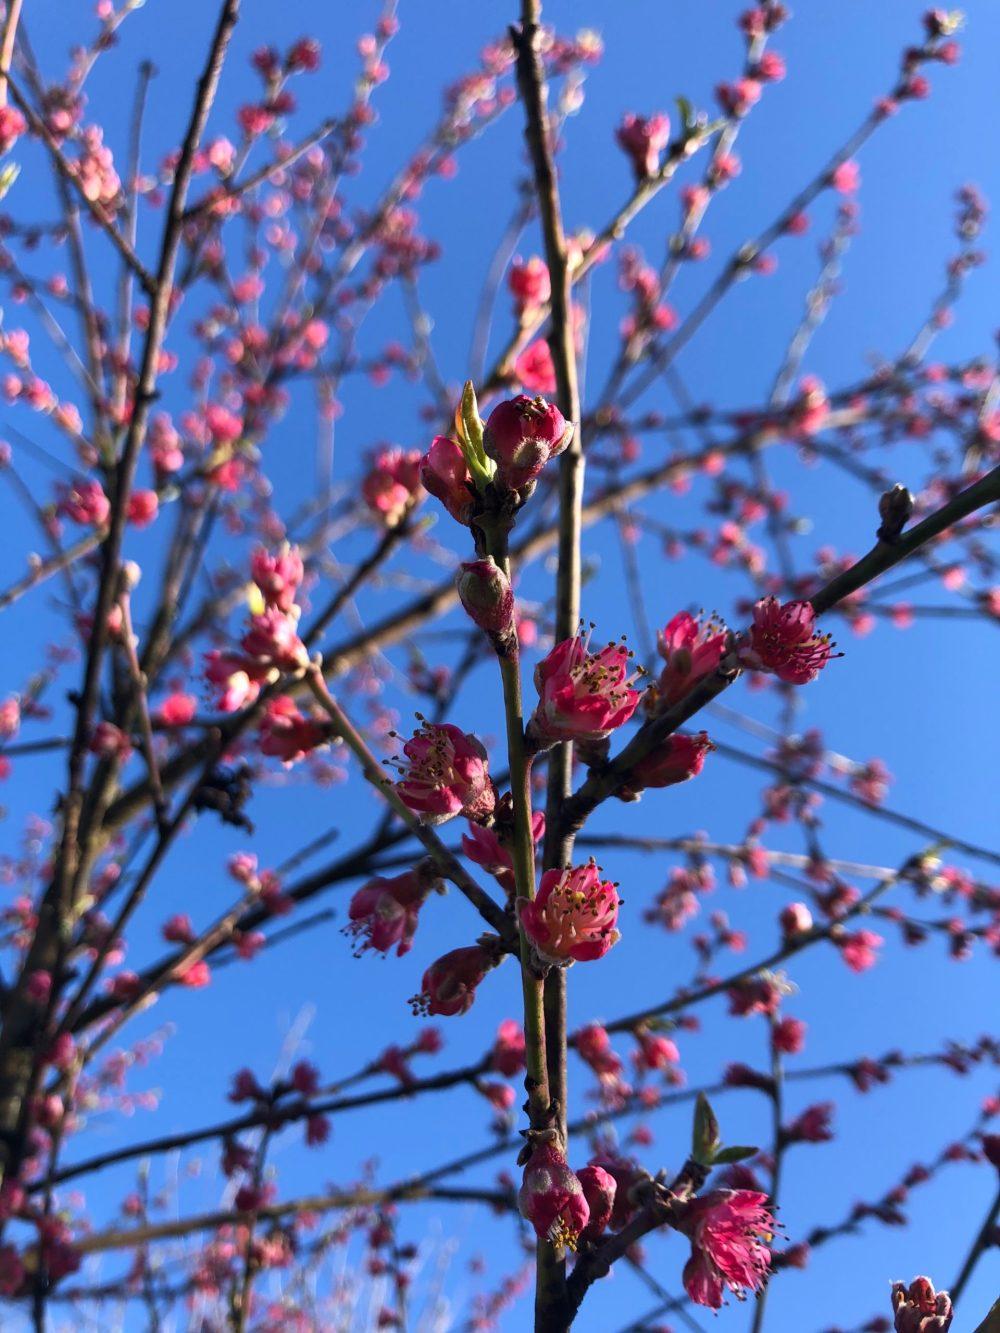 Viele Äste mit blühenden Pfirsichblüten